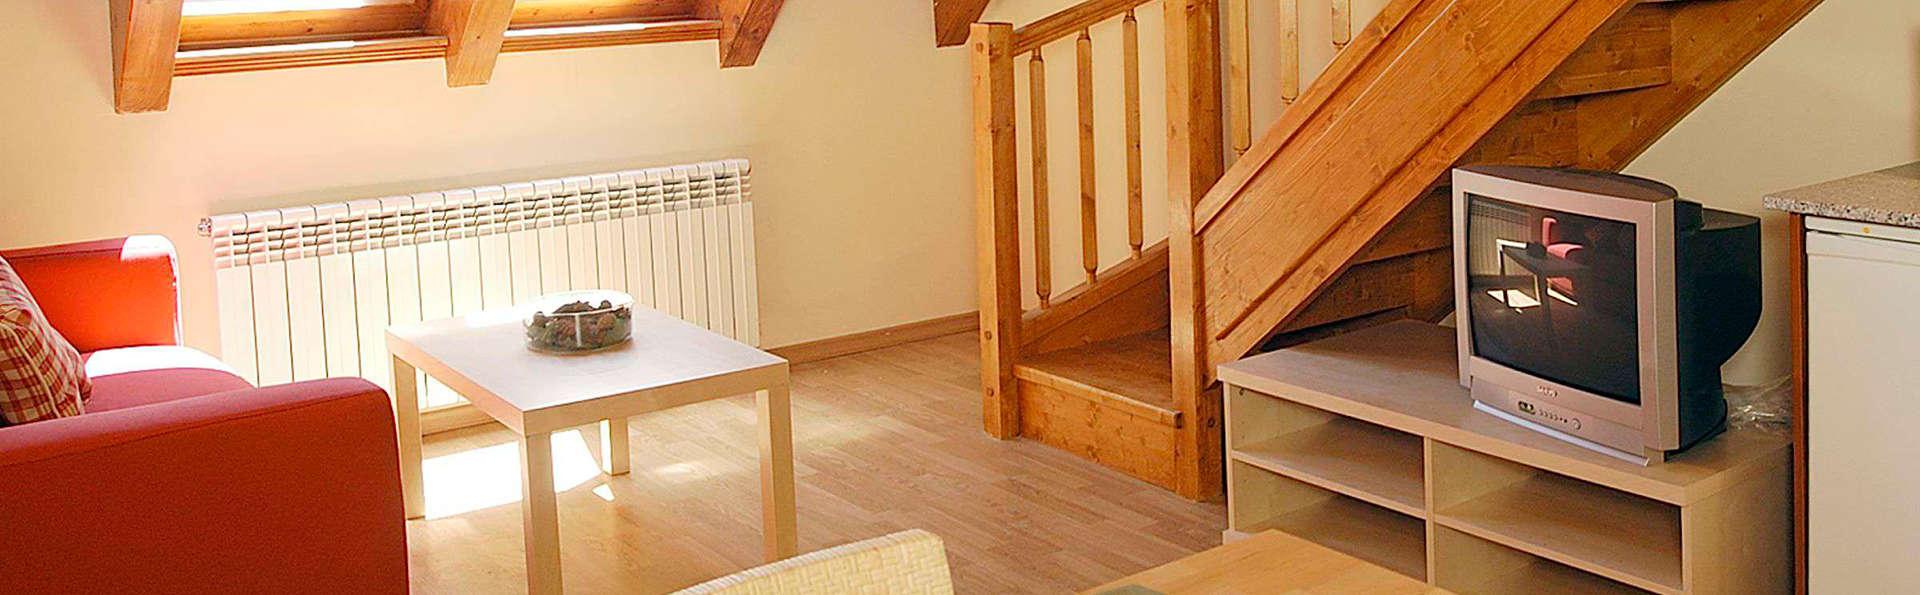 Aparthotel Nou Vielha - EDIT_apartment1.jpg